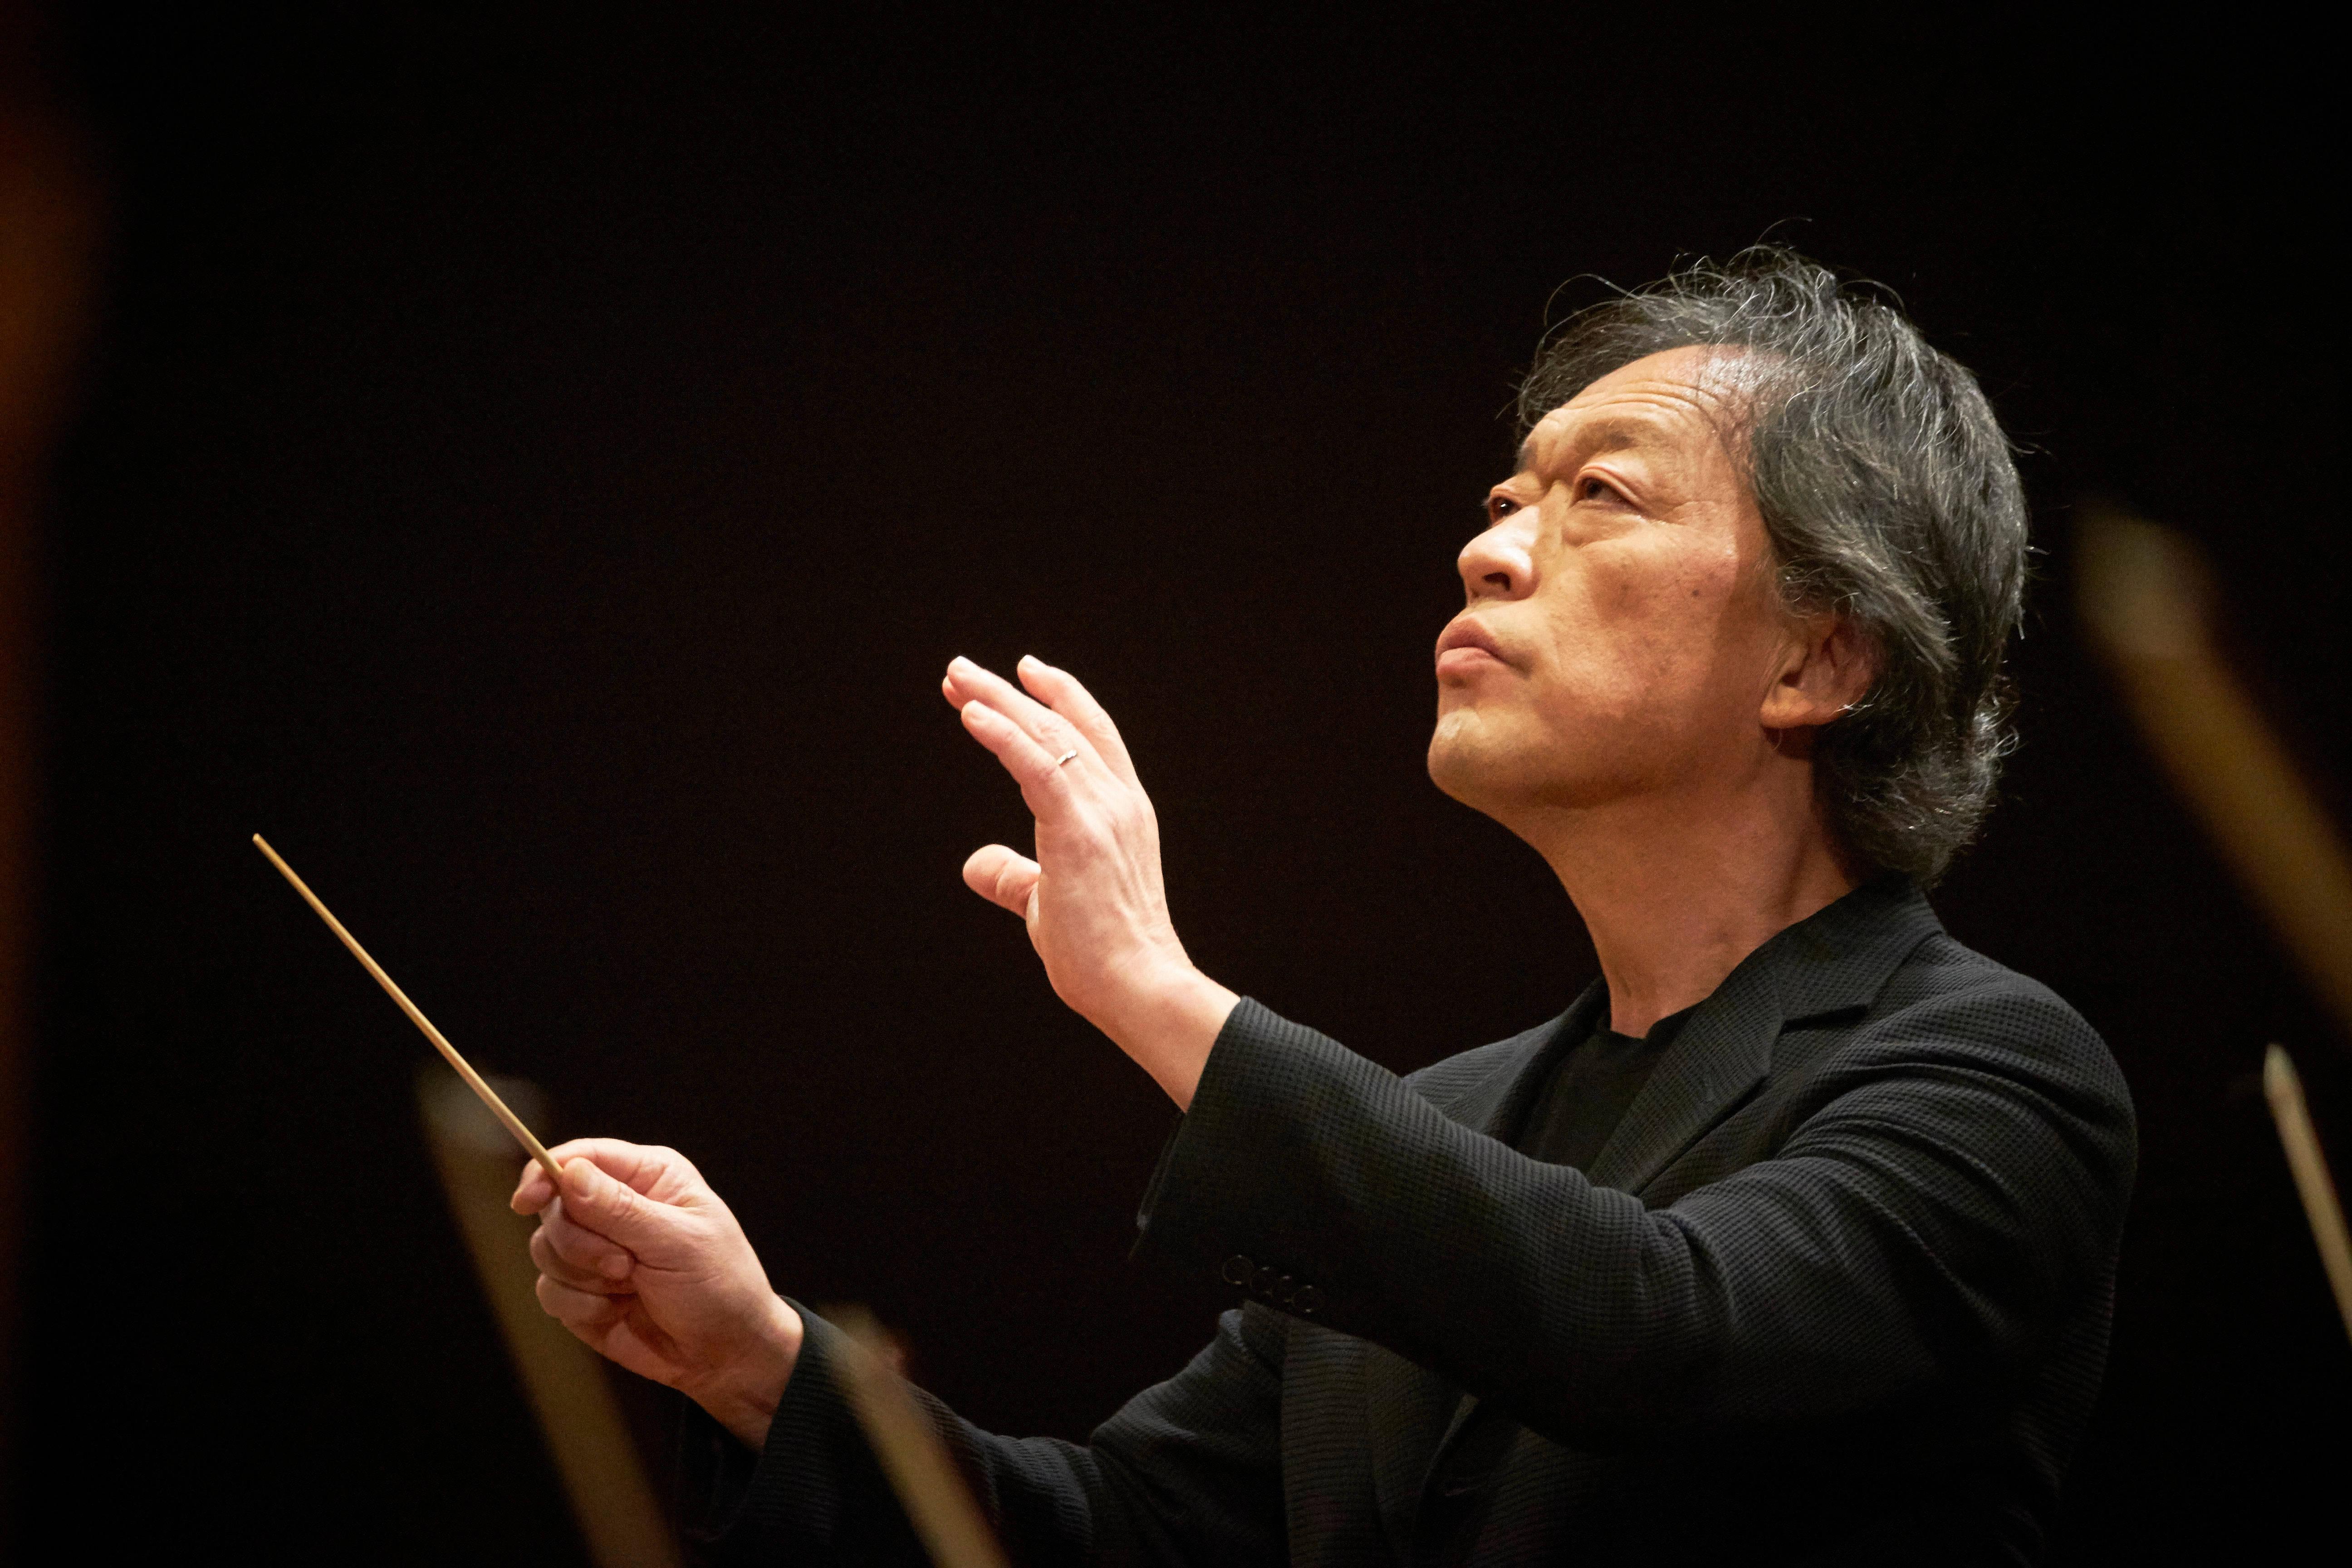 今年2月のマーラー:交響曲第五番の名演も話題となったチョン・ミョンフンと東京フィルハーモニー交響楽団 (C)上野隆文 提供:東京フィルハーモニー交響楽団